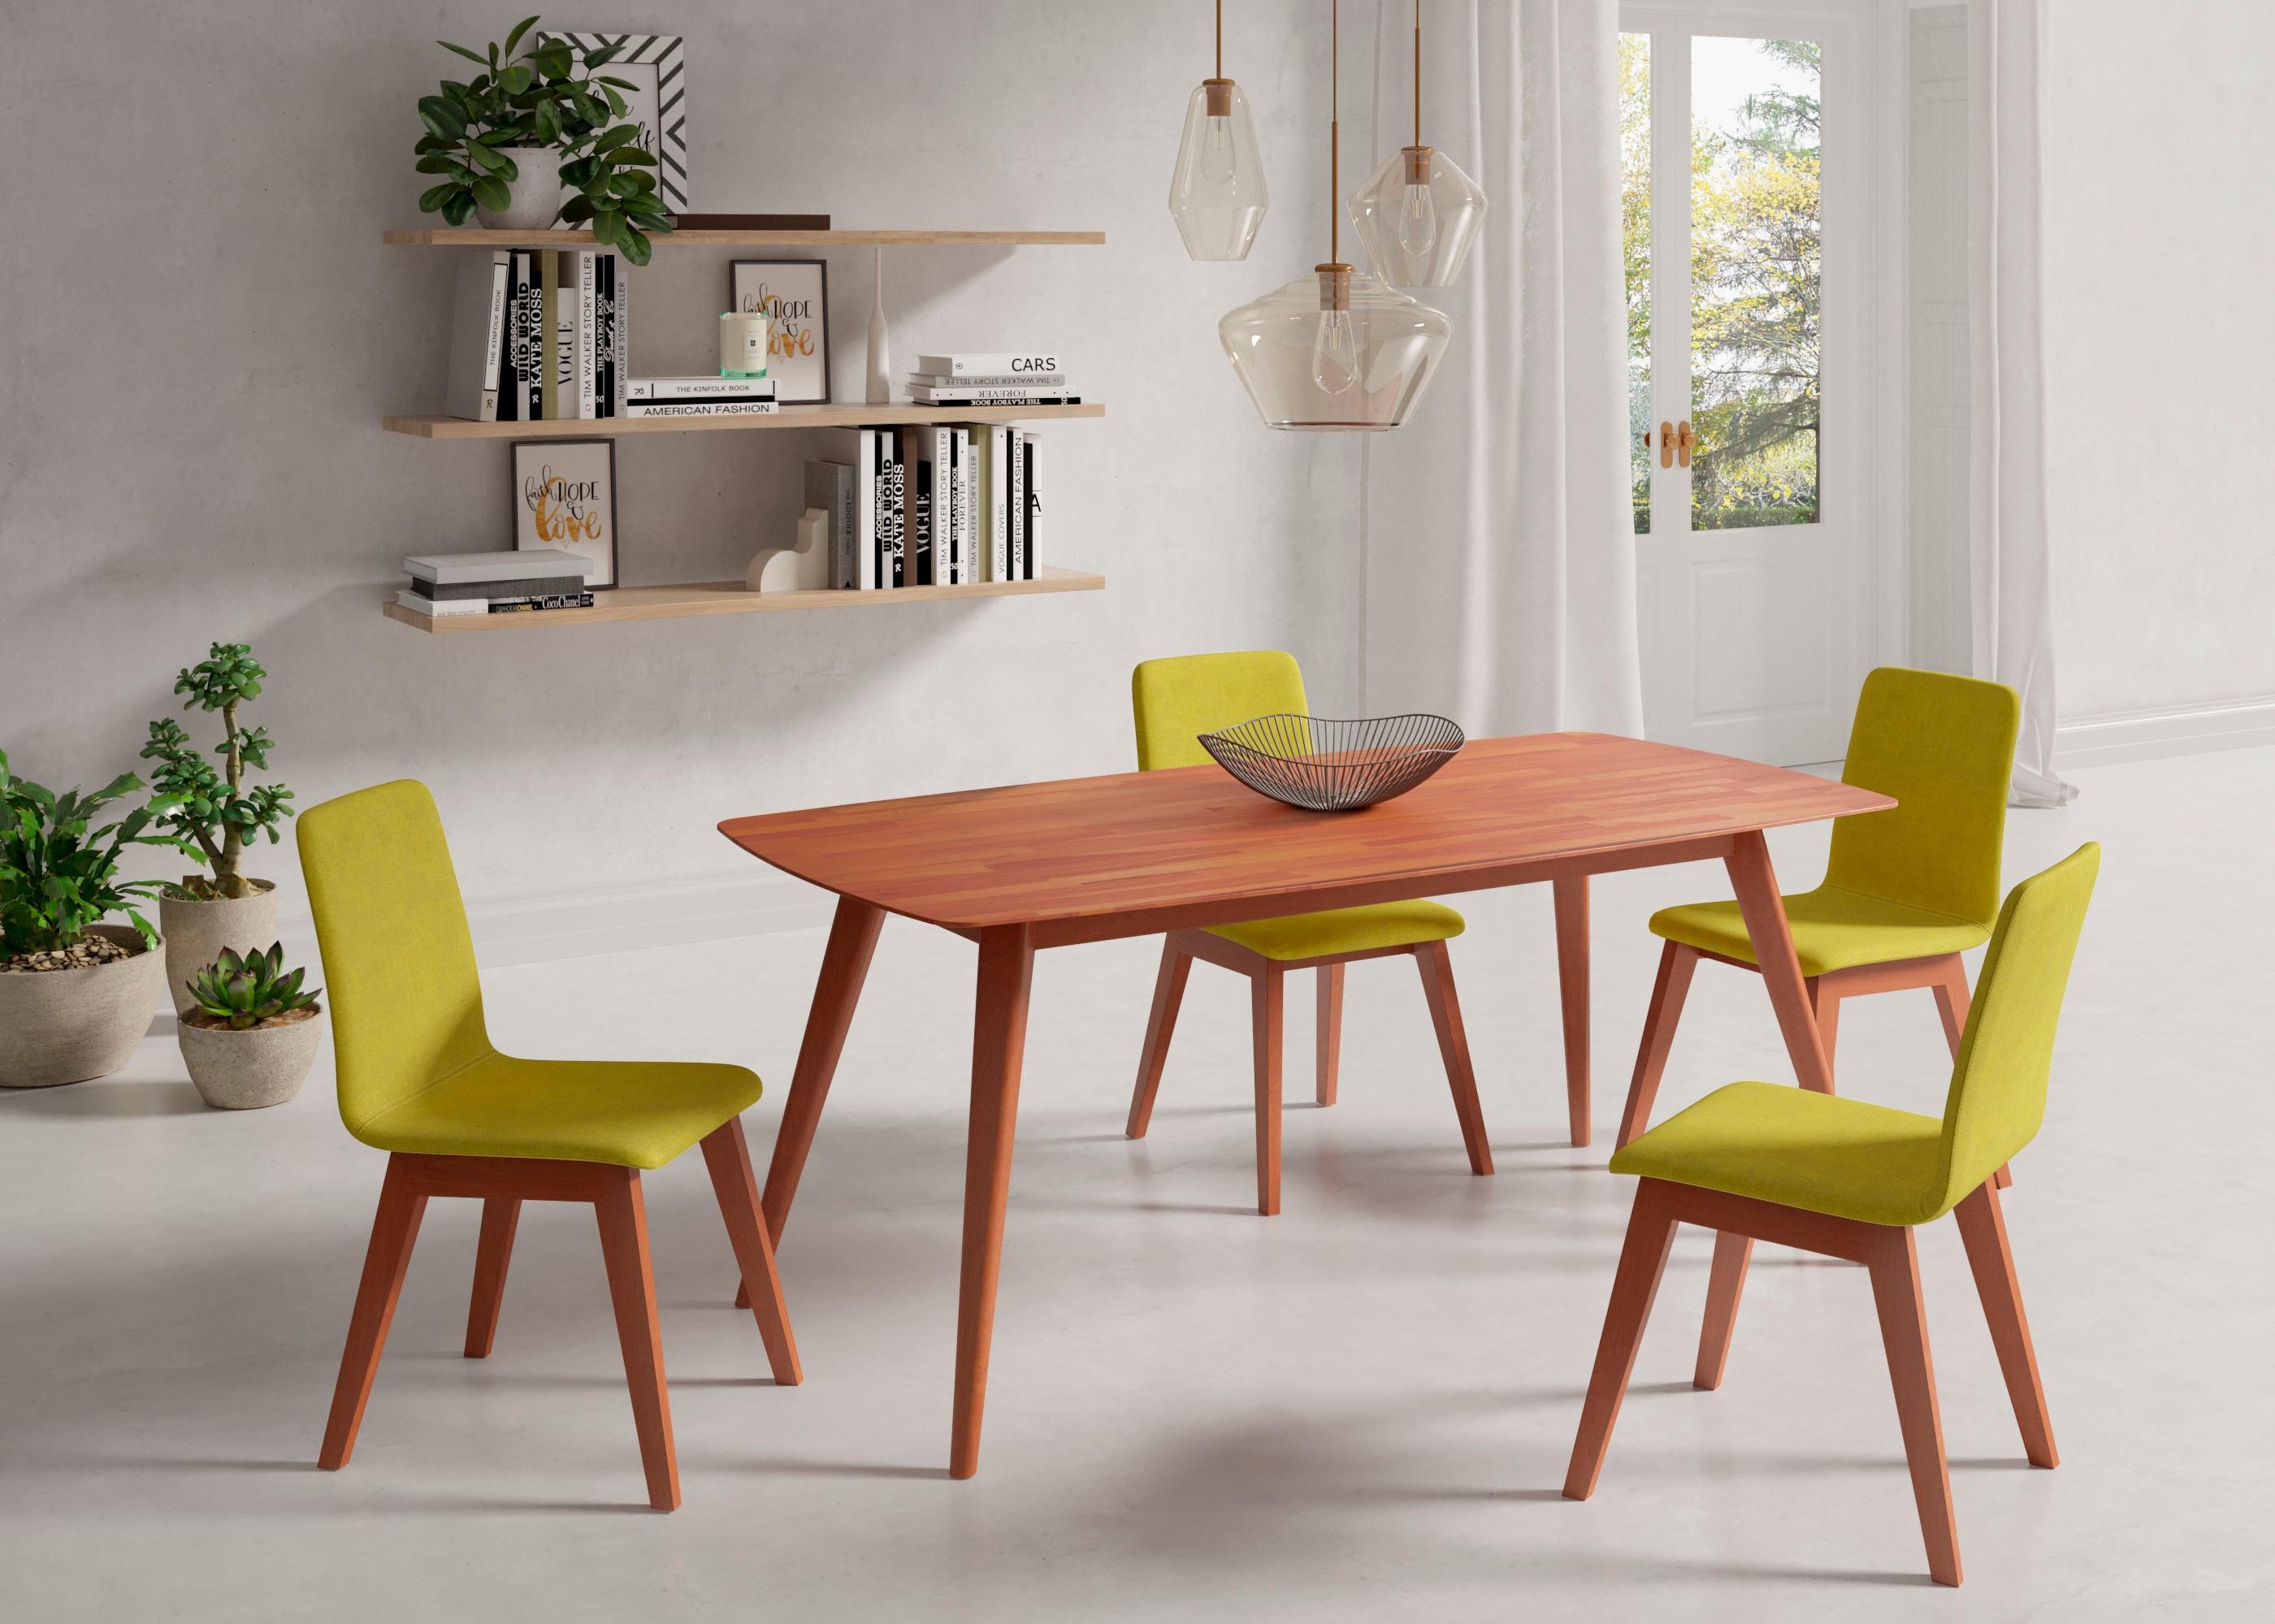 INOSIGN Esstisch, Breite 140 cm und 180 braun Esstisch Holz-Esstische Holztische Tische